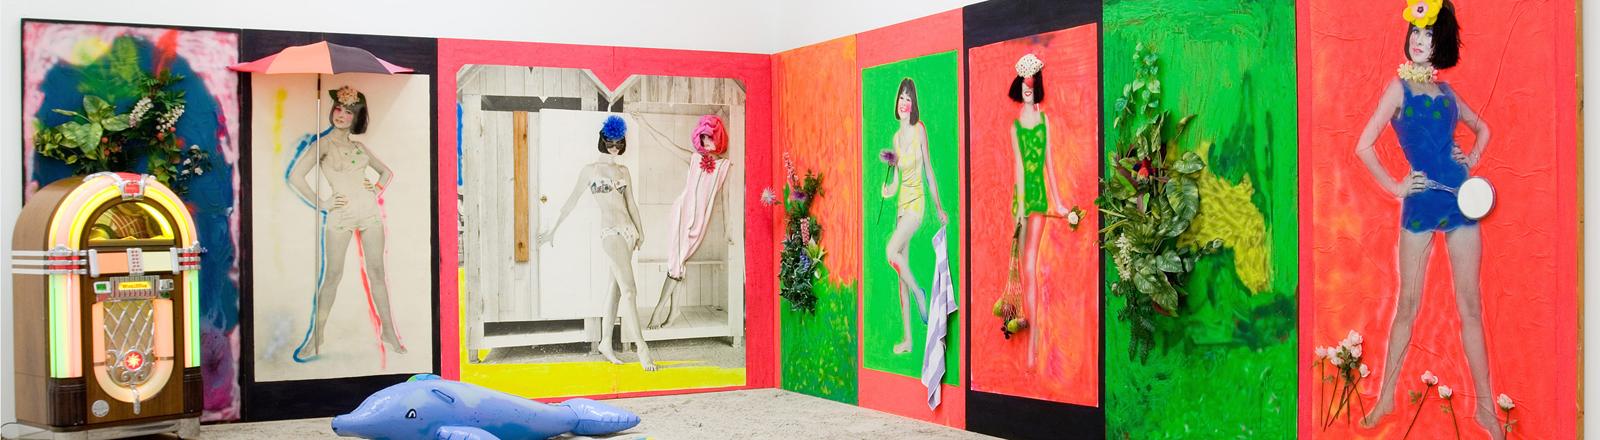 """Die Strand Installation vom Künstler Martial Raysse  in der Überblicksschau zum """"Nouveau Réalisme"""" im Sprengel Museum in Hannover 2008."""